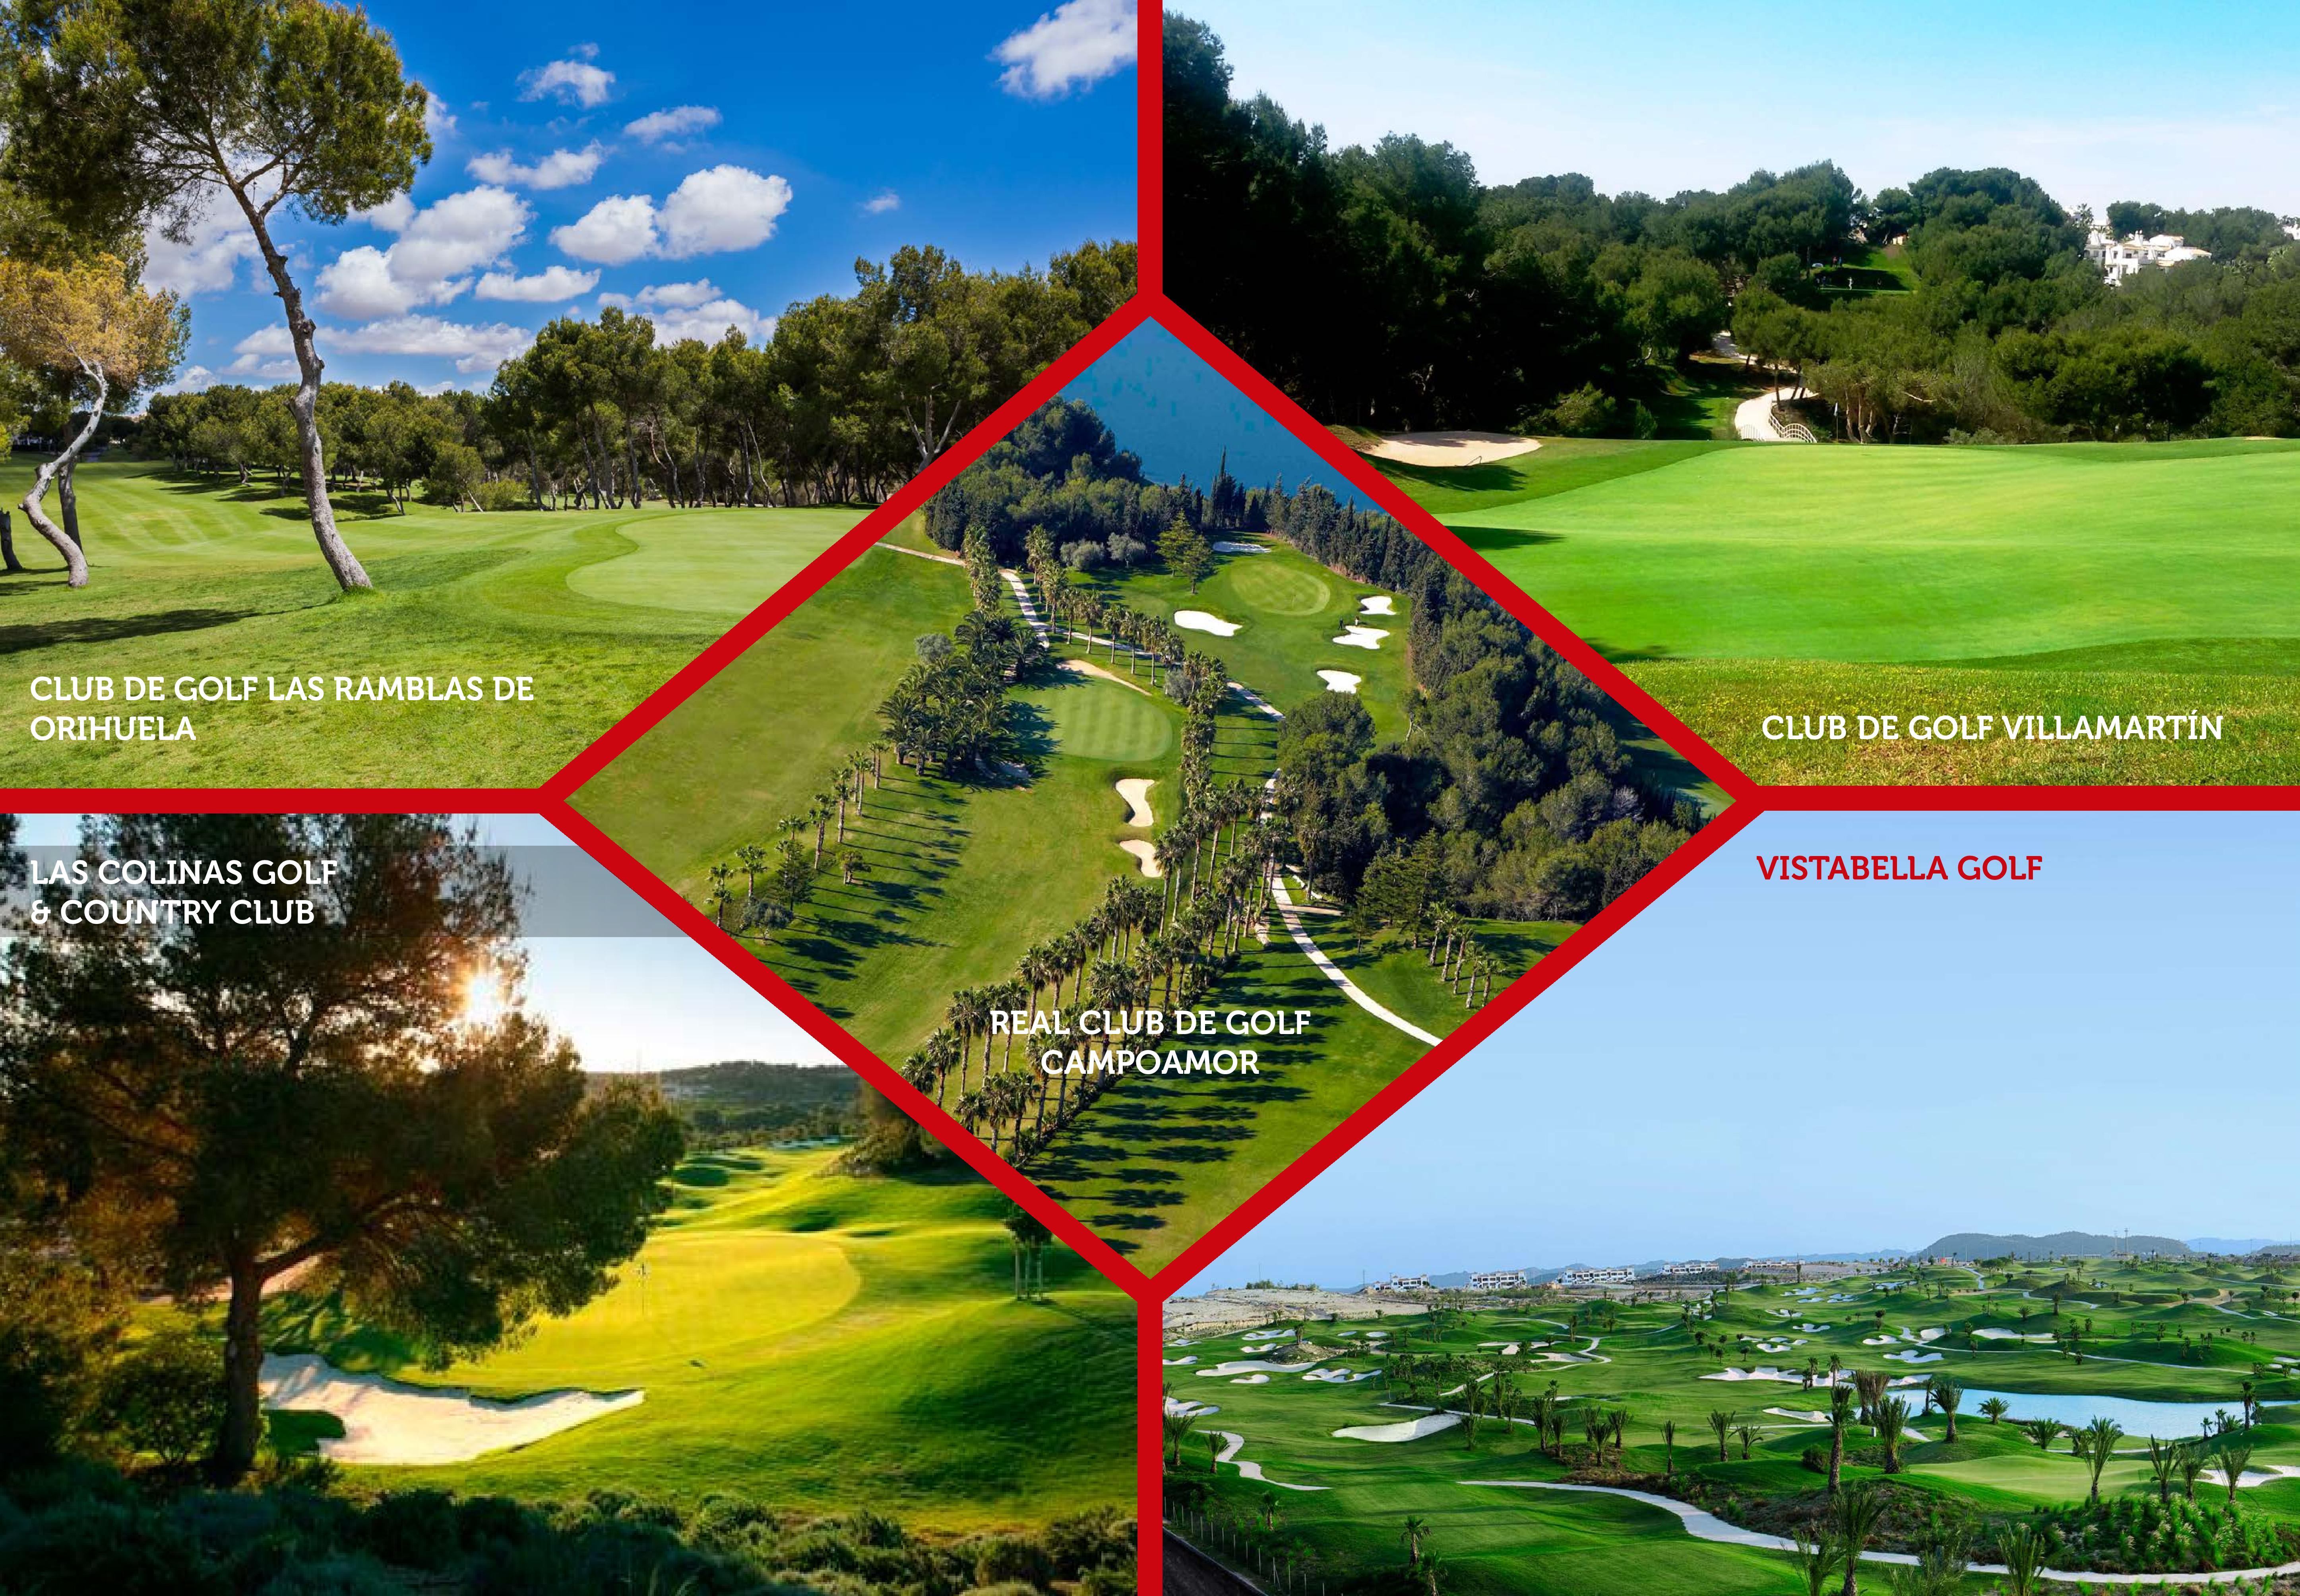 Orihuela a les meilleures et les plus importantes offres de golf de la Méditerranée. Un total de 90 trous composent ses cinq excellents parcours de golf, de prestige international reconnu, qui accueillent d'importants tournois européens.